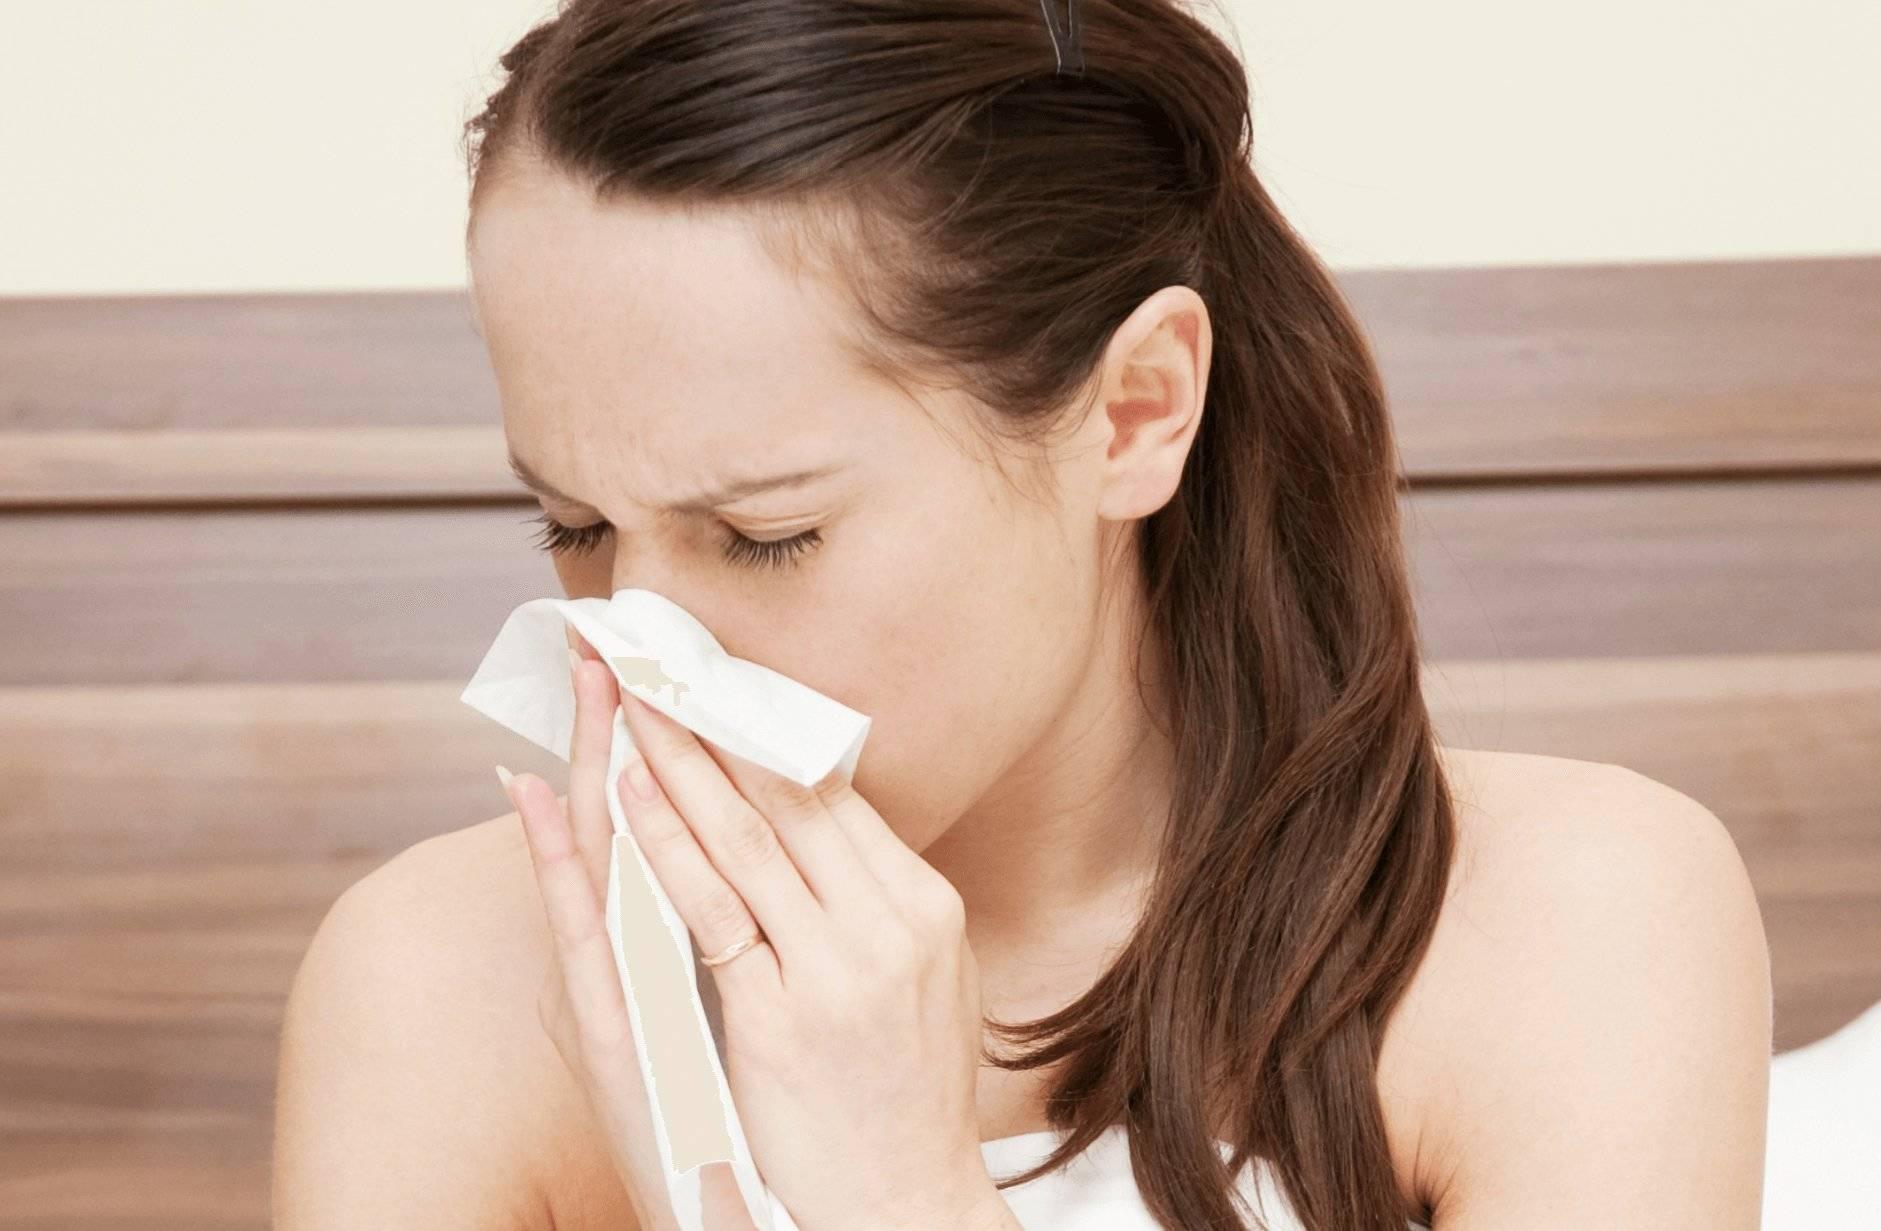 как вылечить хронический насморк в домашних условиях